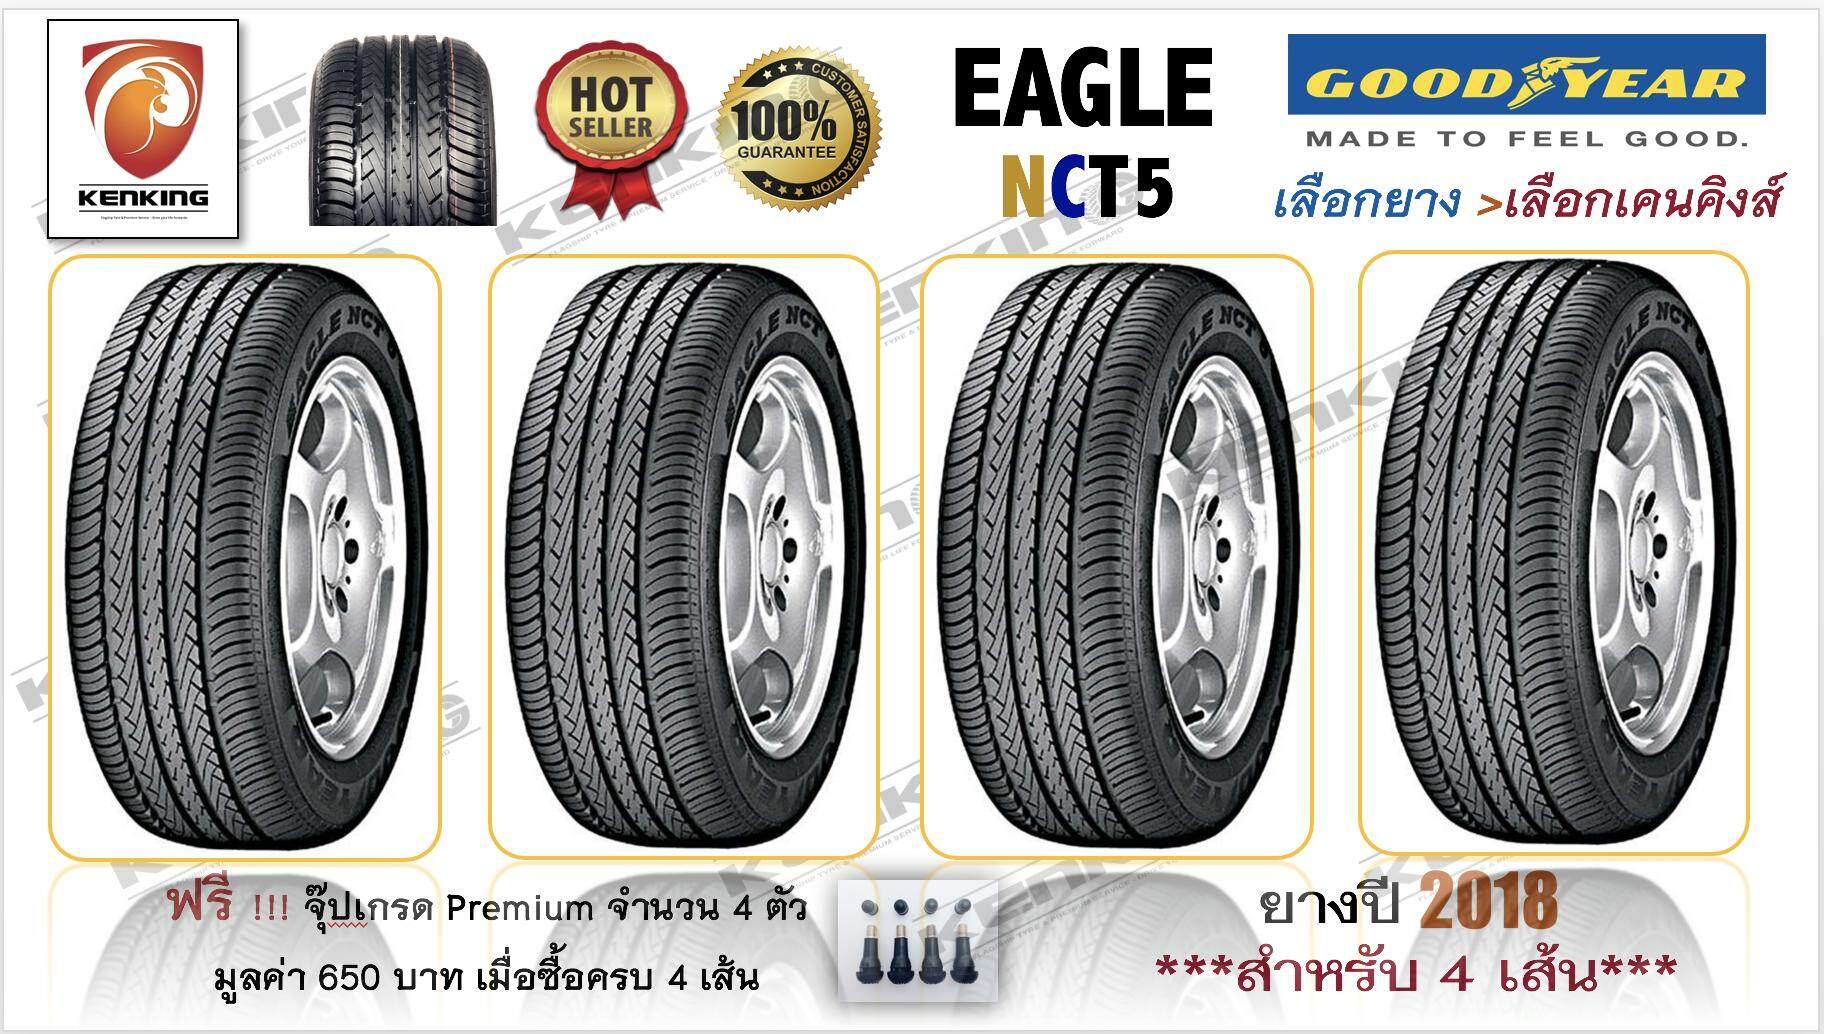 ประกันภัย รถยนต์ 3 พลัส ราคา ถูก ปัตตานี ยางรถยนต์ Goodyear 185/55 R15 NCT5 (The Best Service Ever !!! ) (จำนวน 4 เส้น) ฟรี !! จุ๊ป Premium เกรด มูลค่า 650 บาท